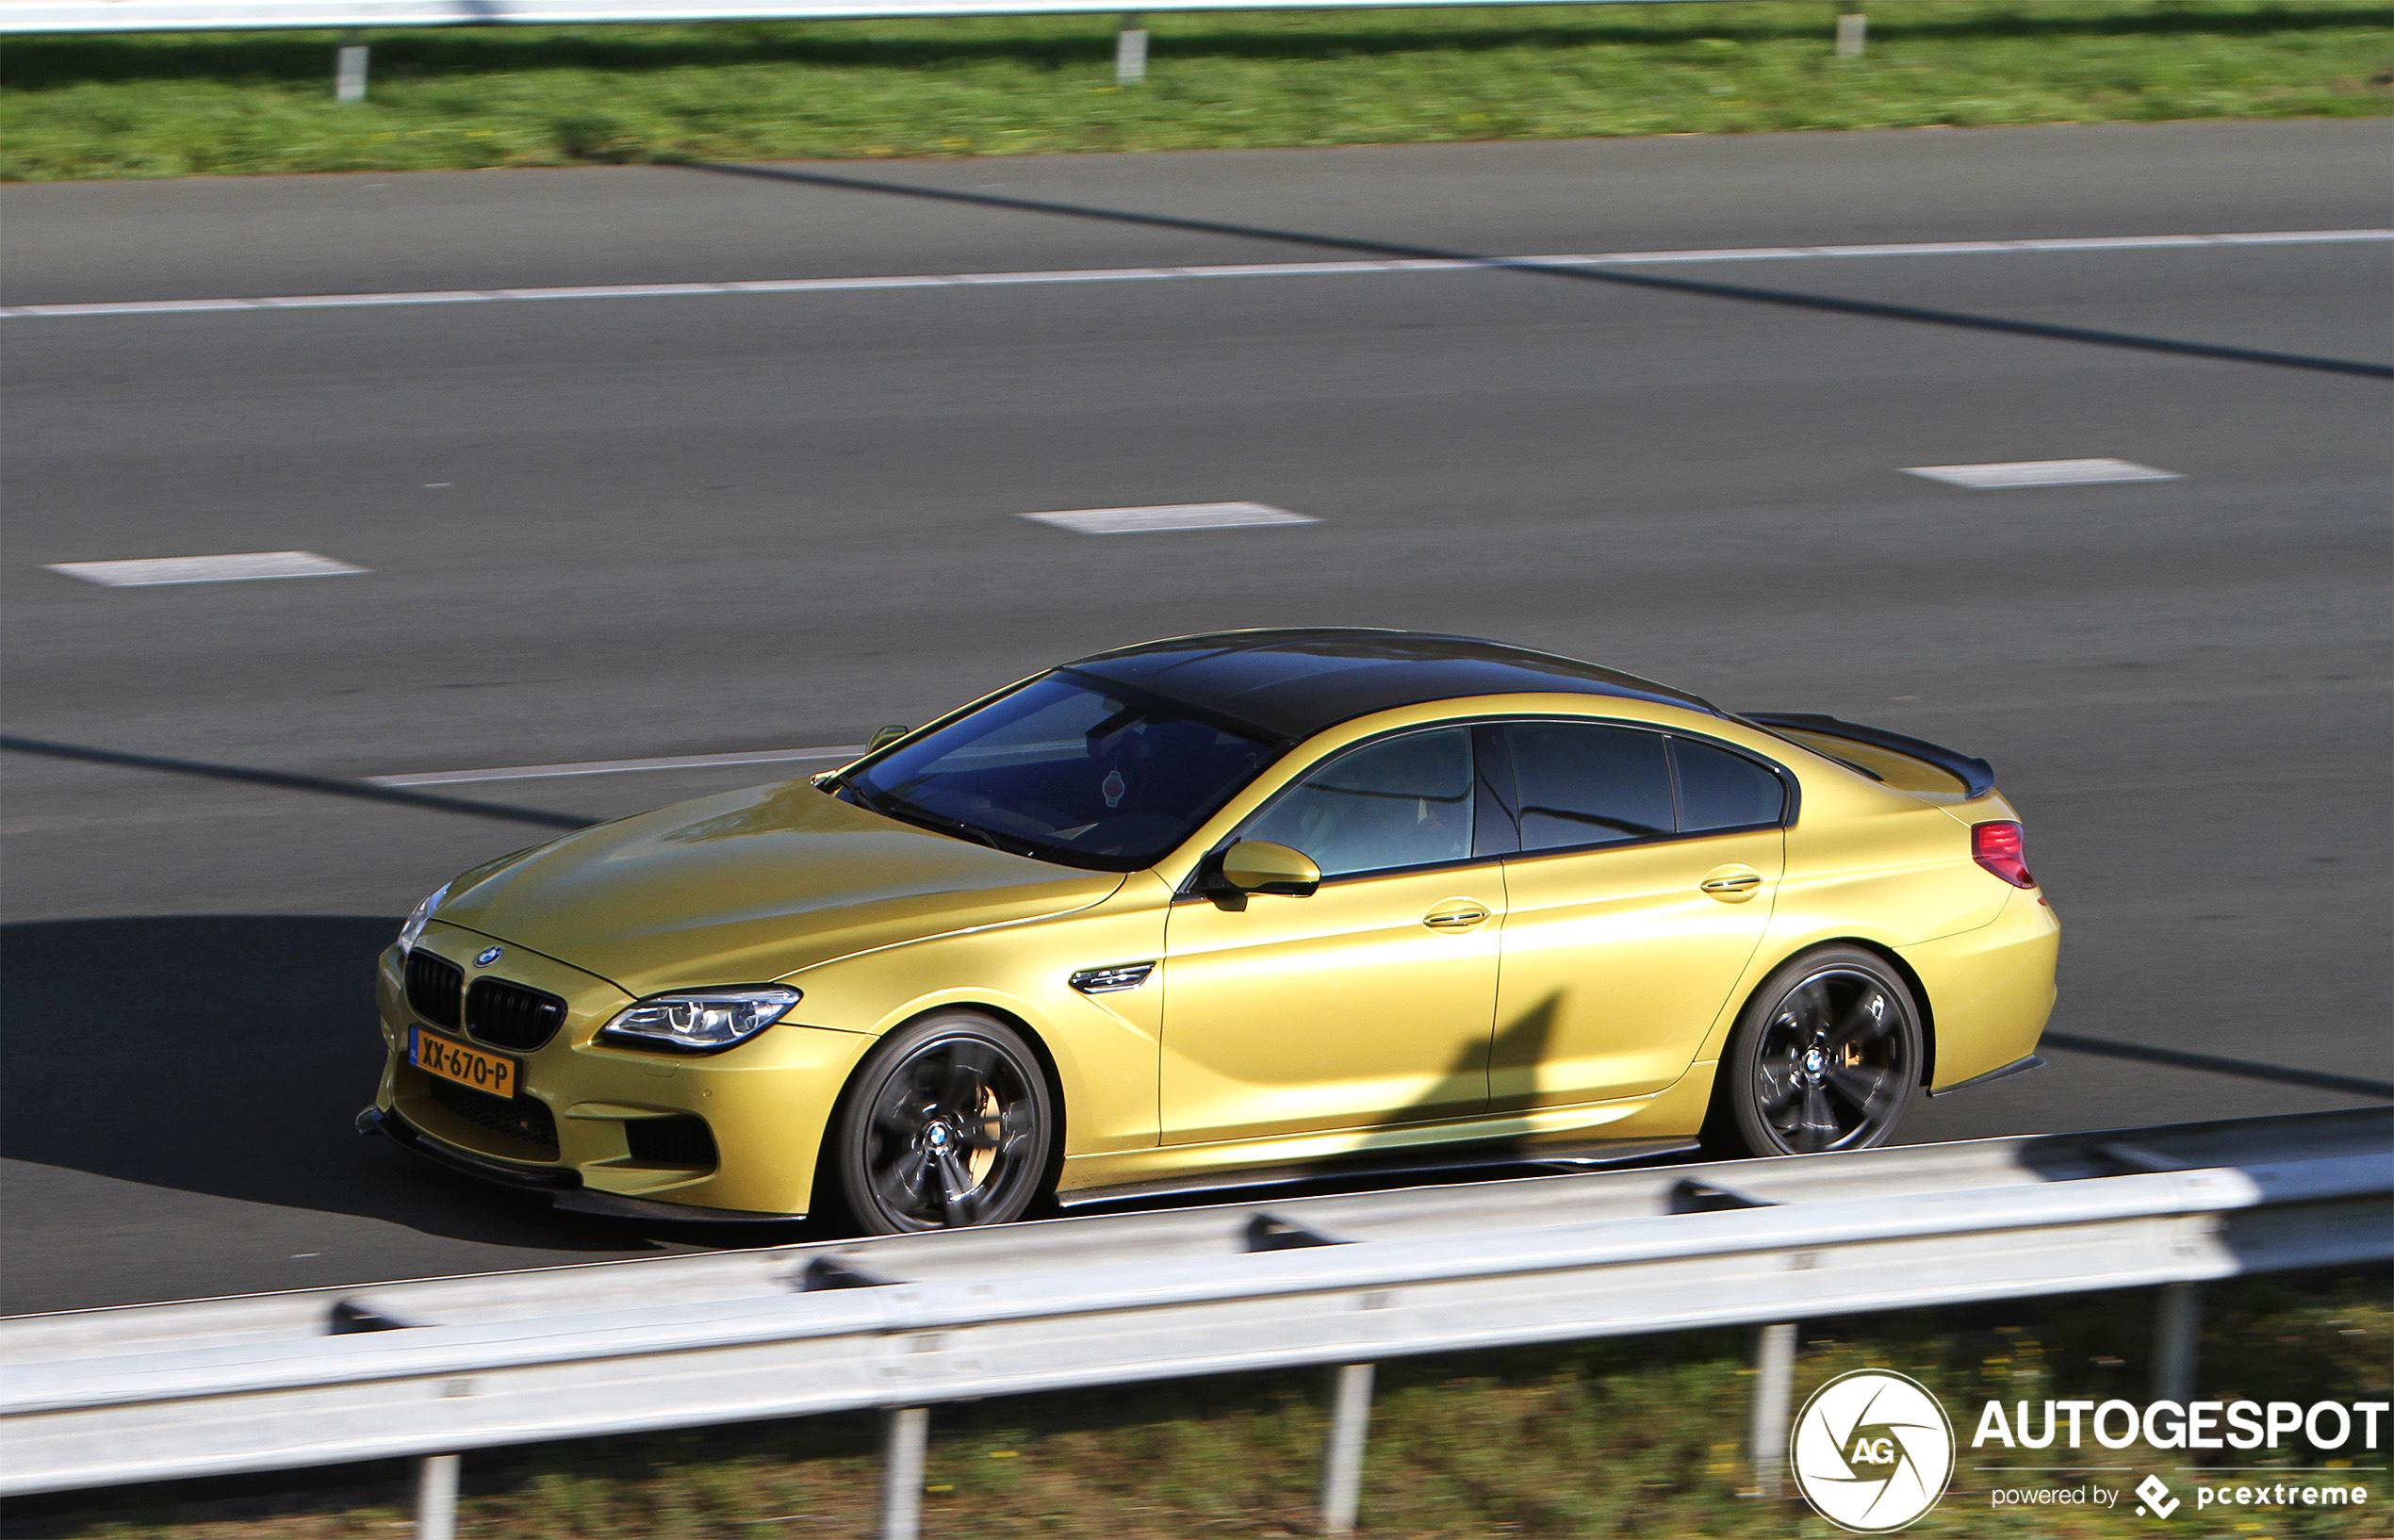 Opvallend gekleurde BMW M6 pas voor de tweede keer gespot